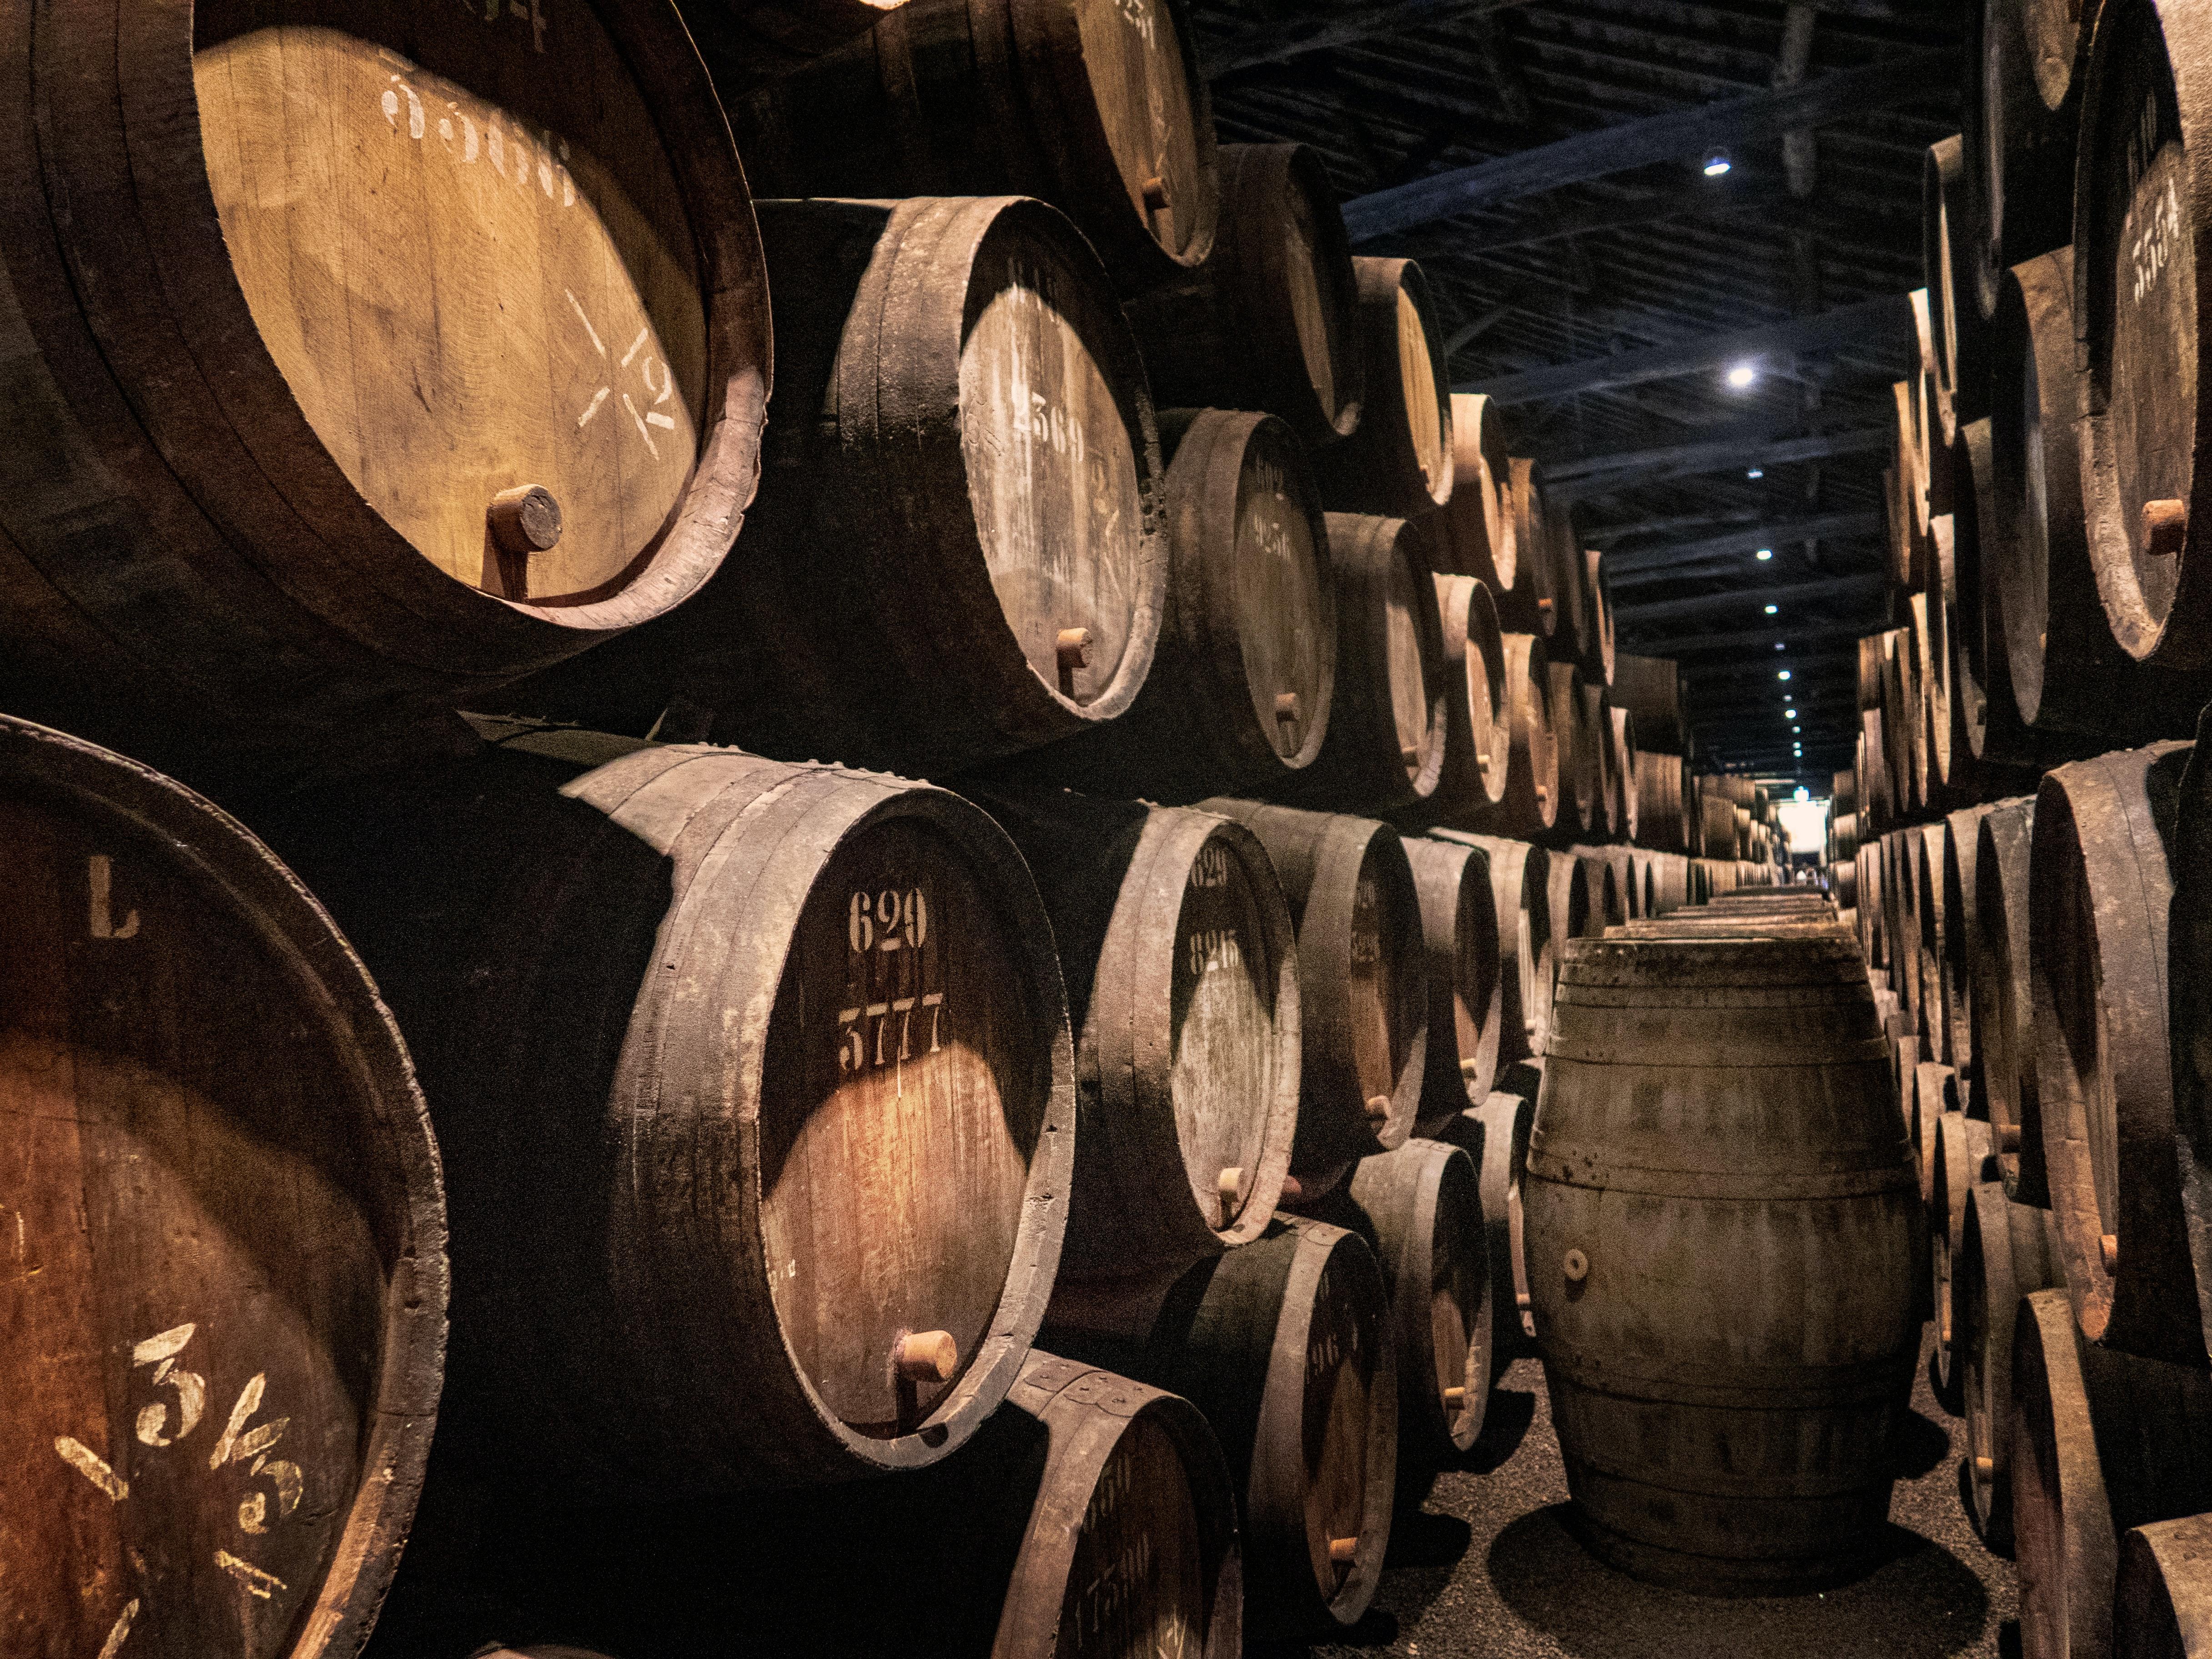 Datos curiosos del vino